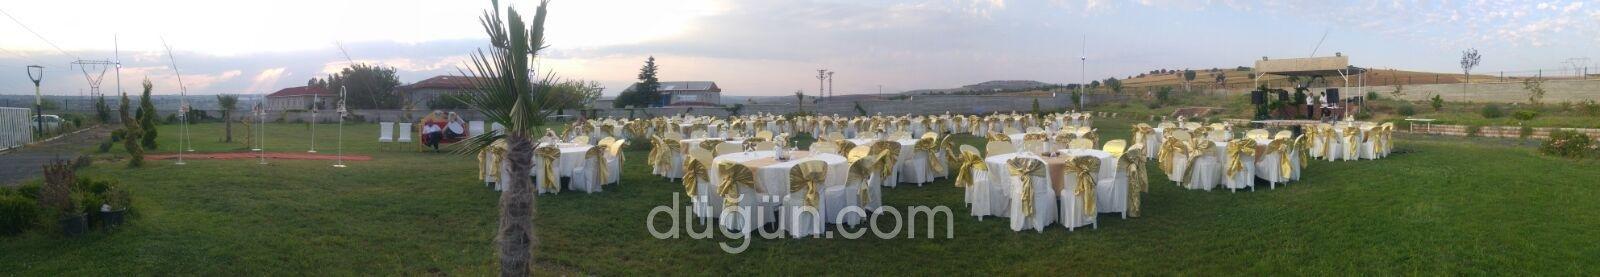 Orkide Kır Düğün Bahçesi